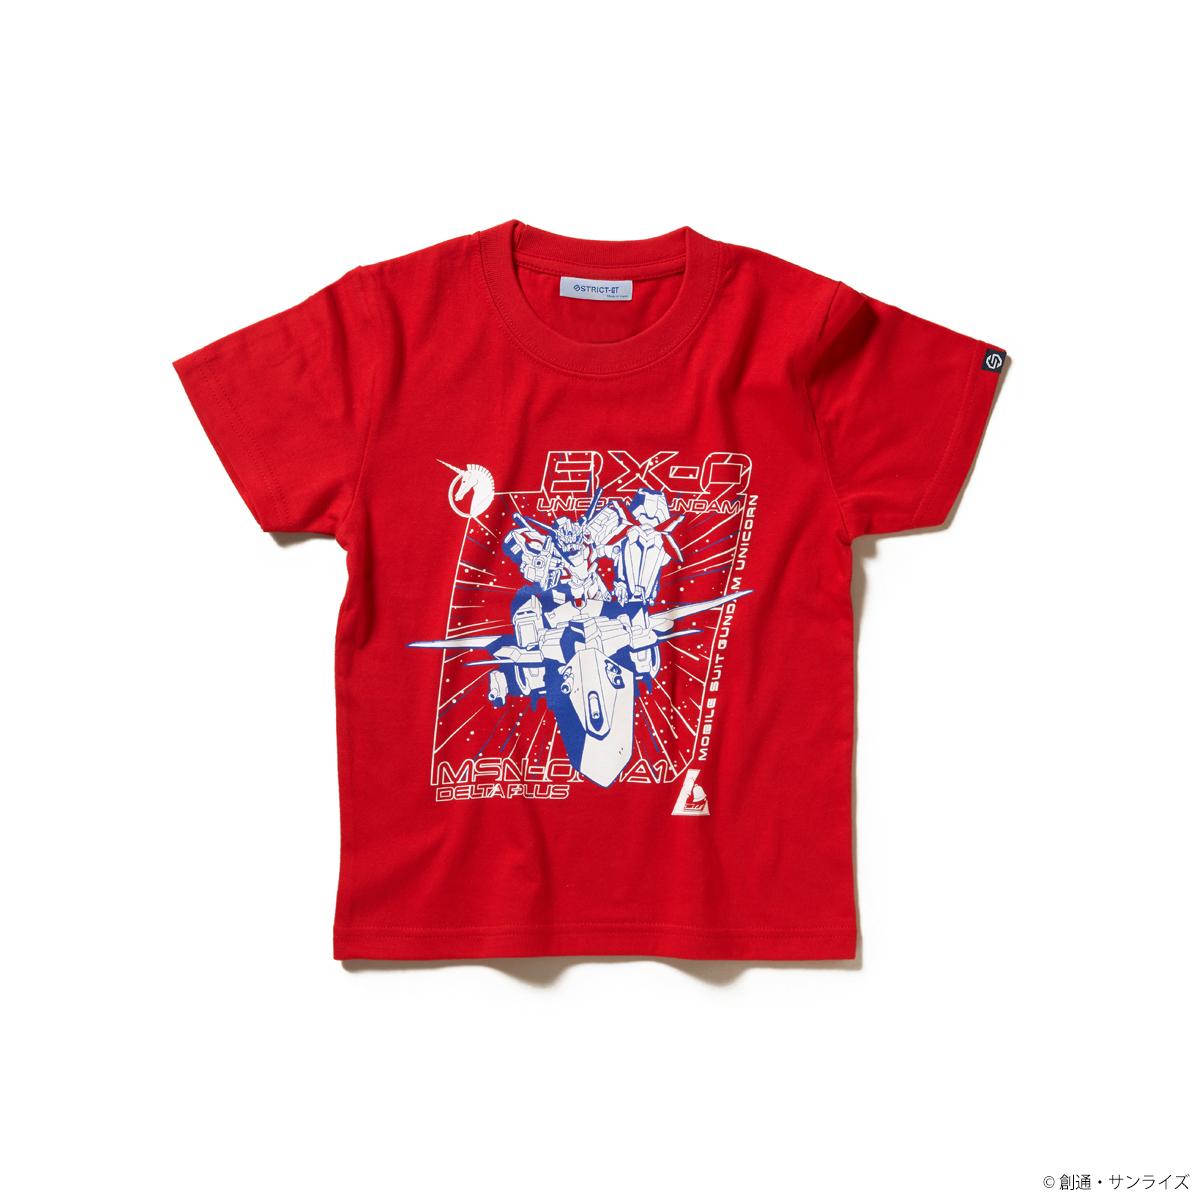 『機動戦士ガンダムUC』キッズTシャツ ユニコーンガンダム&デルタプラス柄